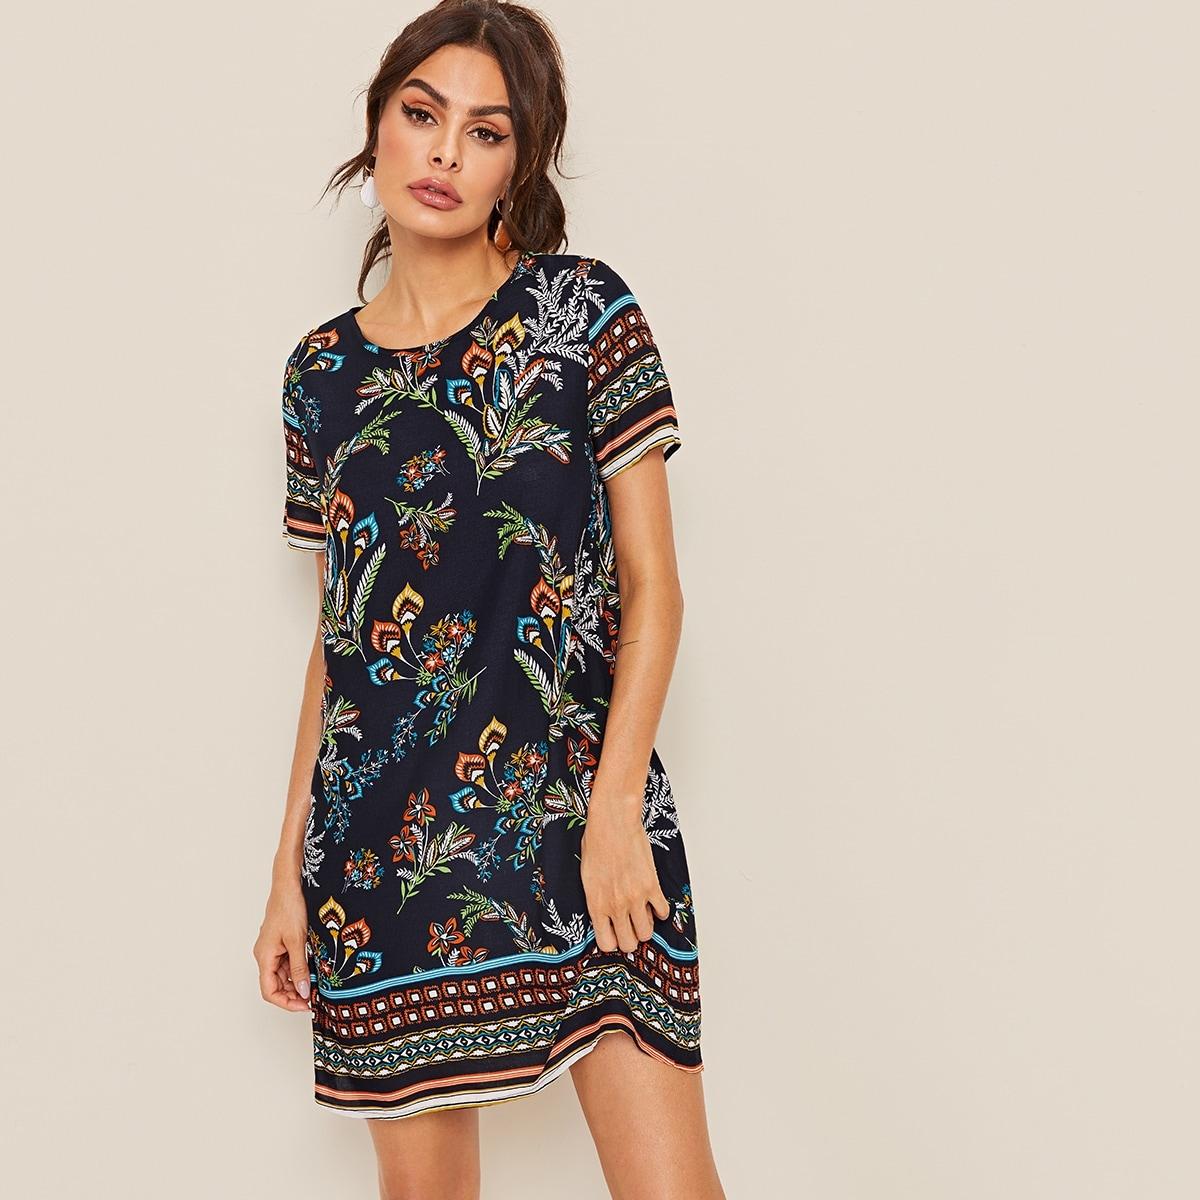 Платье с оригинальным принтом и застежкой сзади